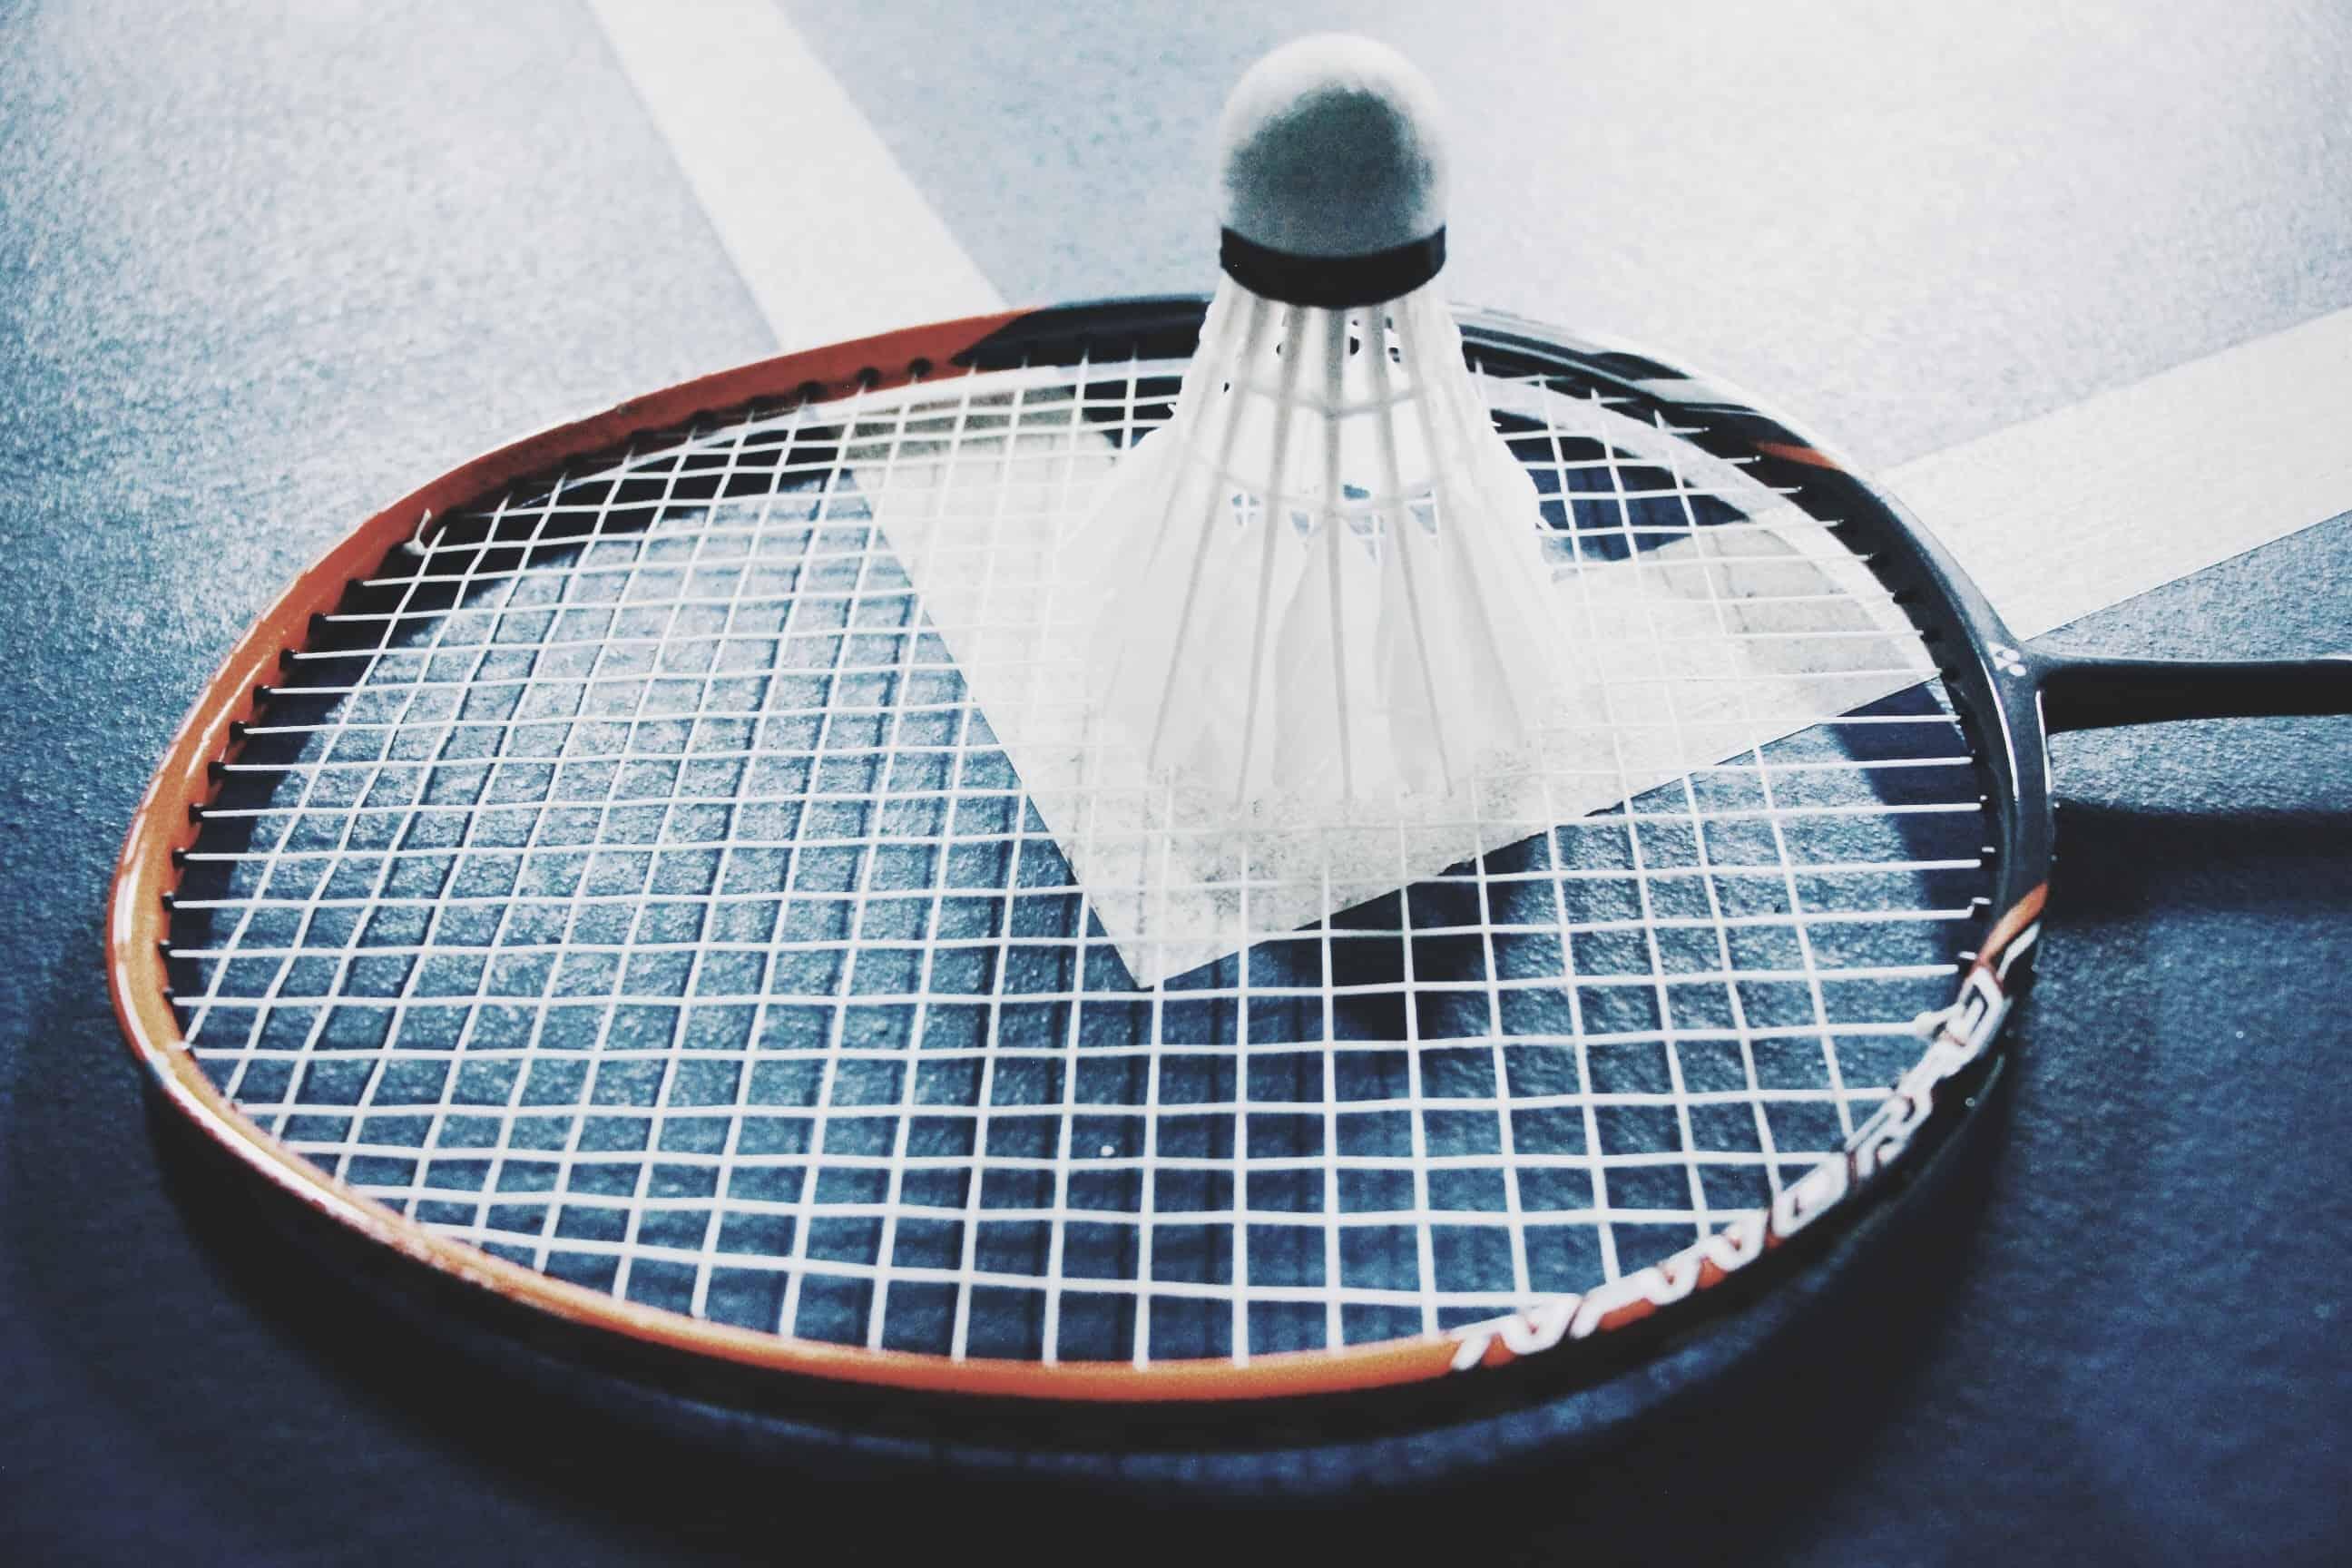 Raquete de badminton.